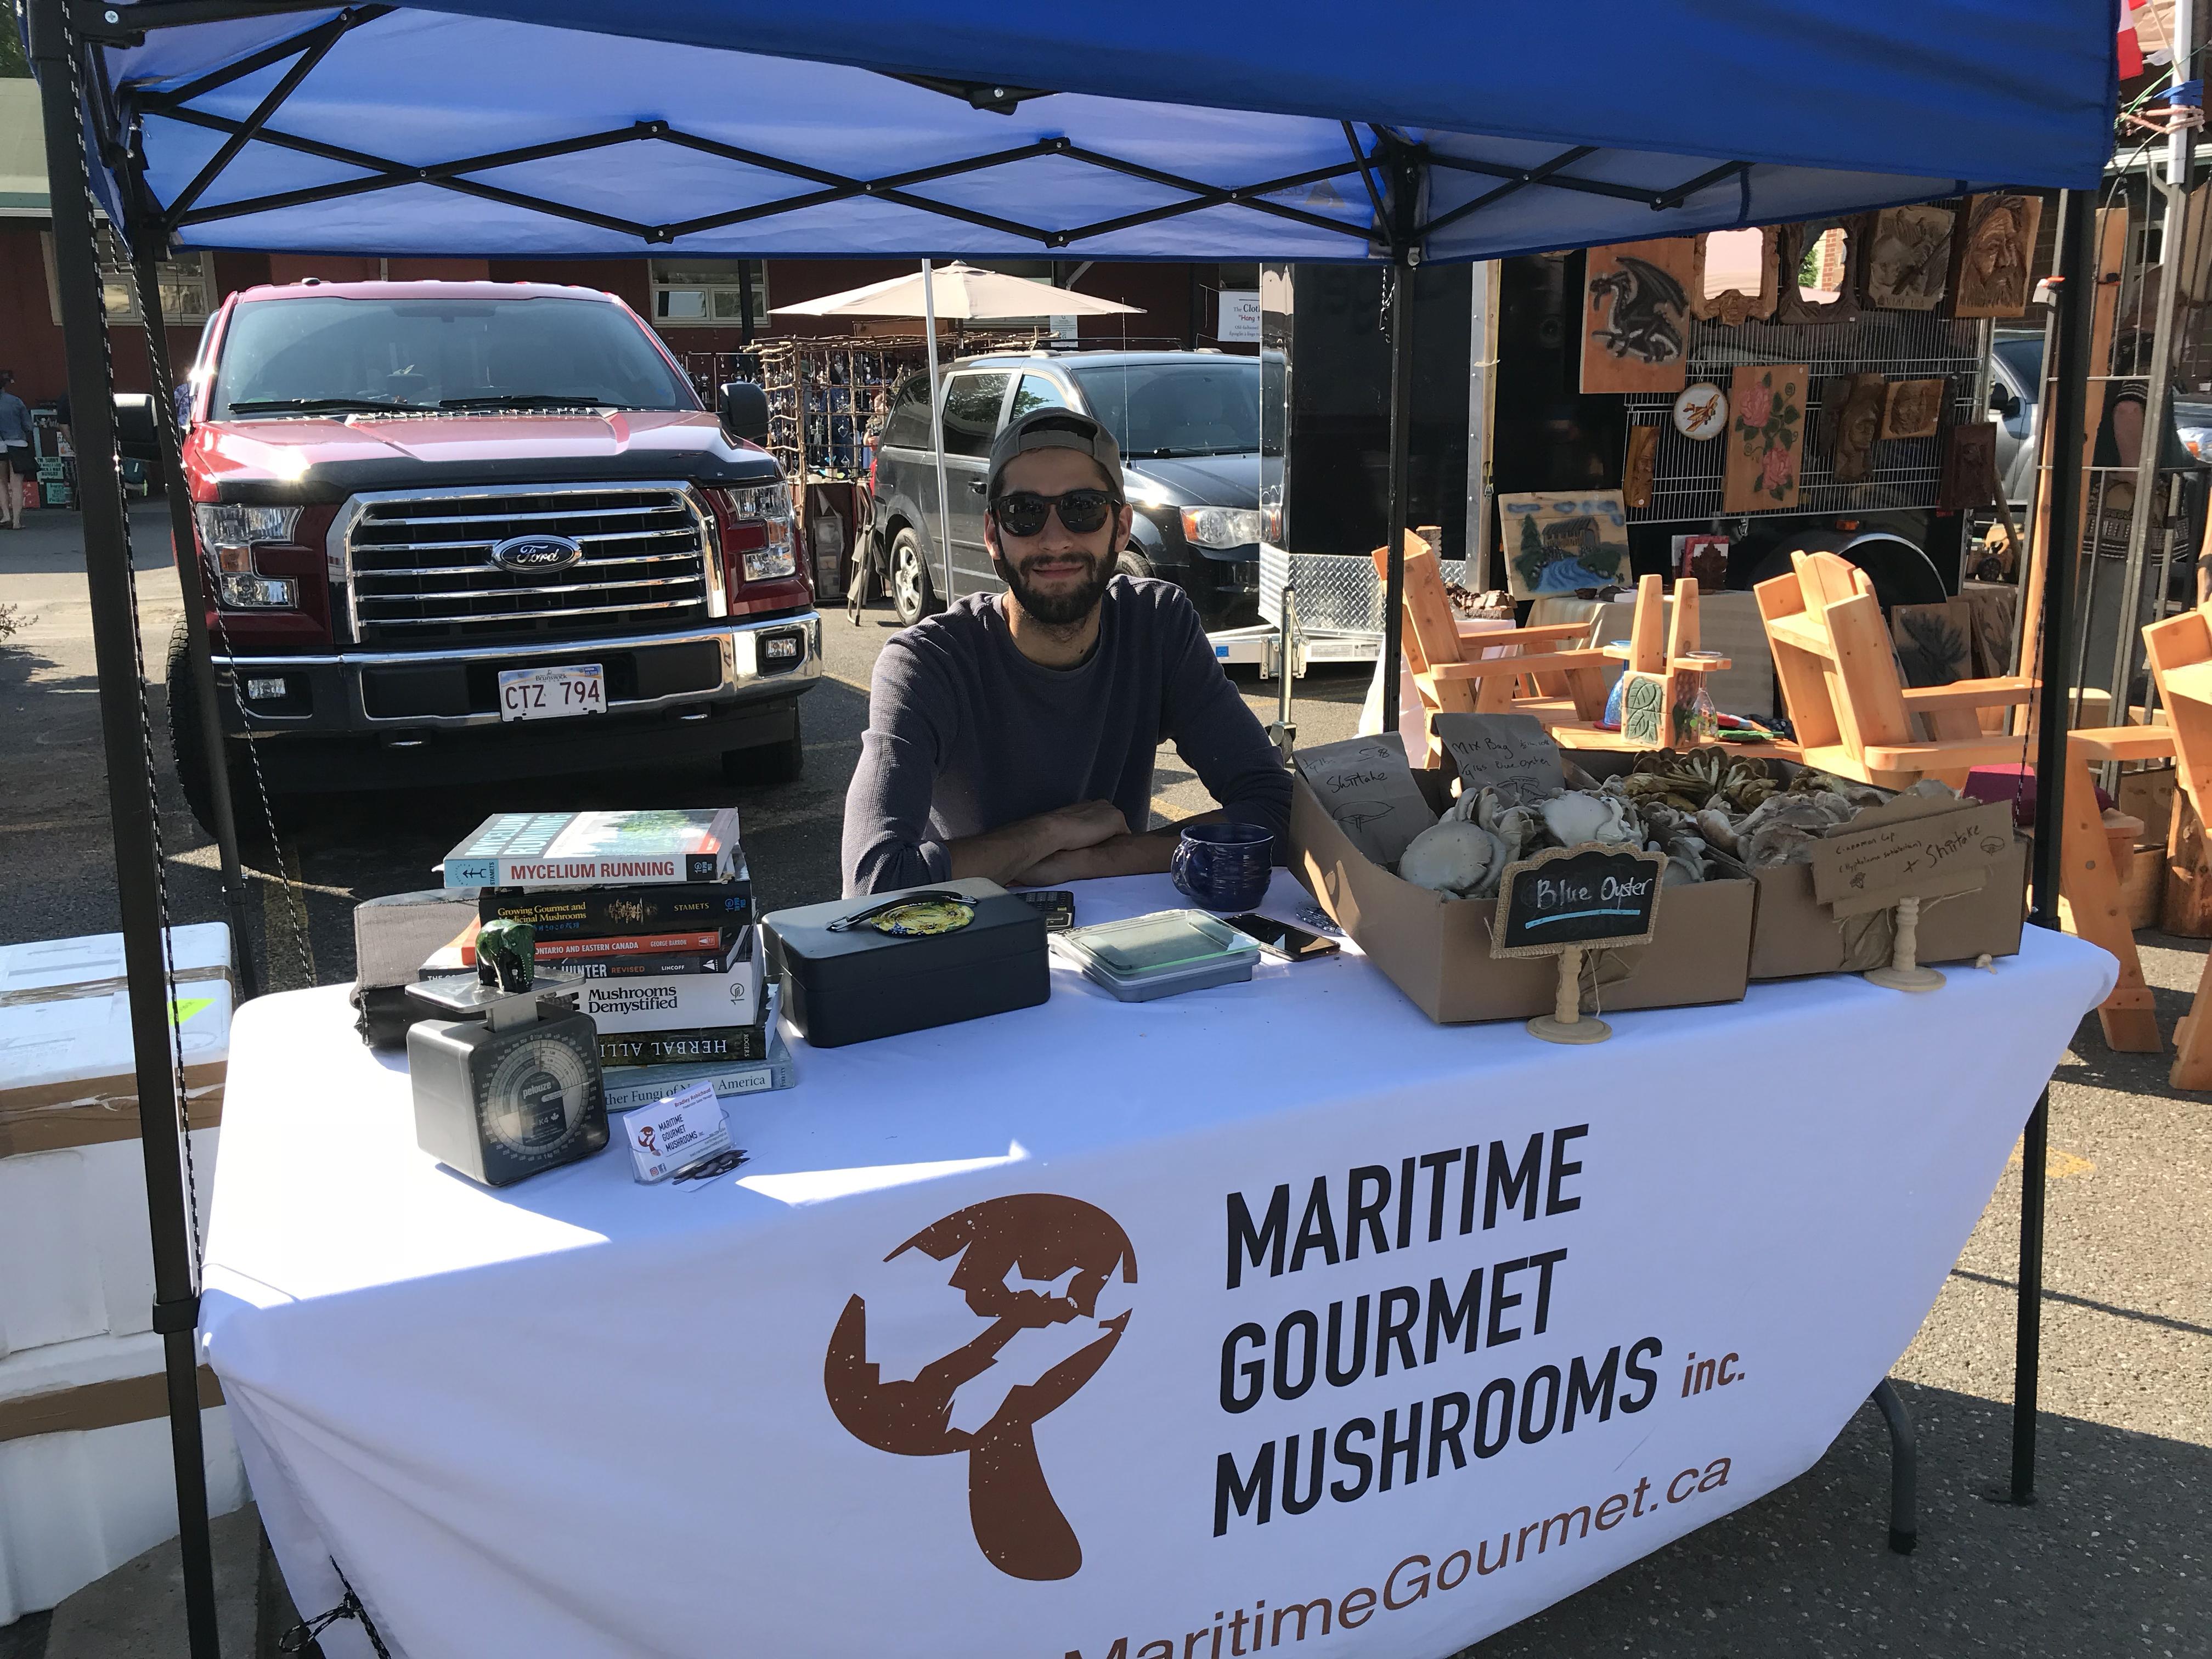 Maritime Gourmet Mushrooms